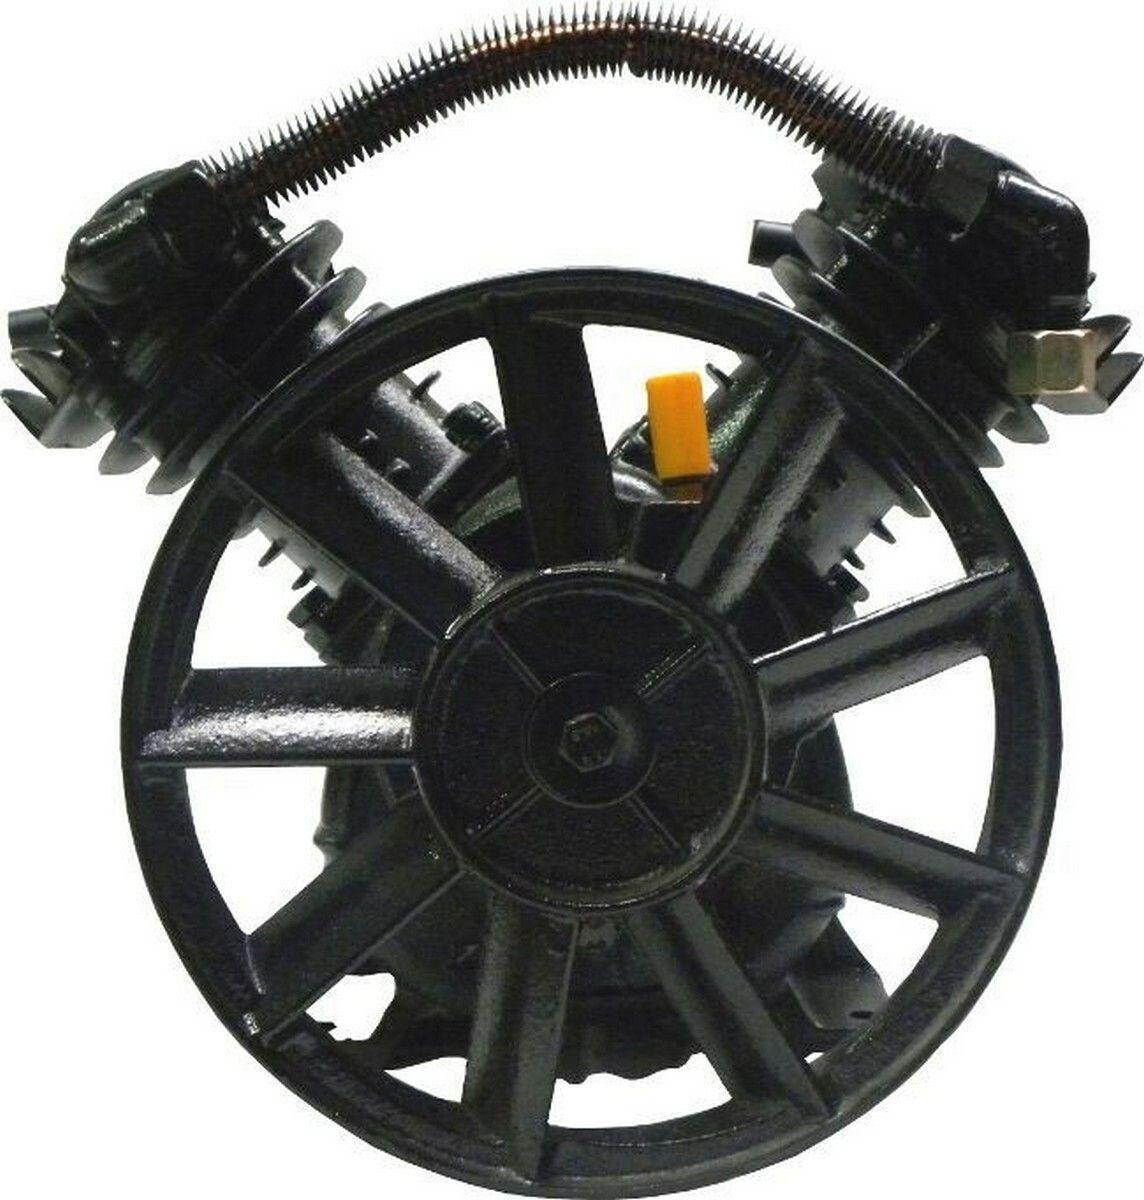 Kompresor do vzduchového kompresoru typ V, 3,5HP, 100l - náhradní díl